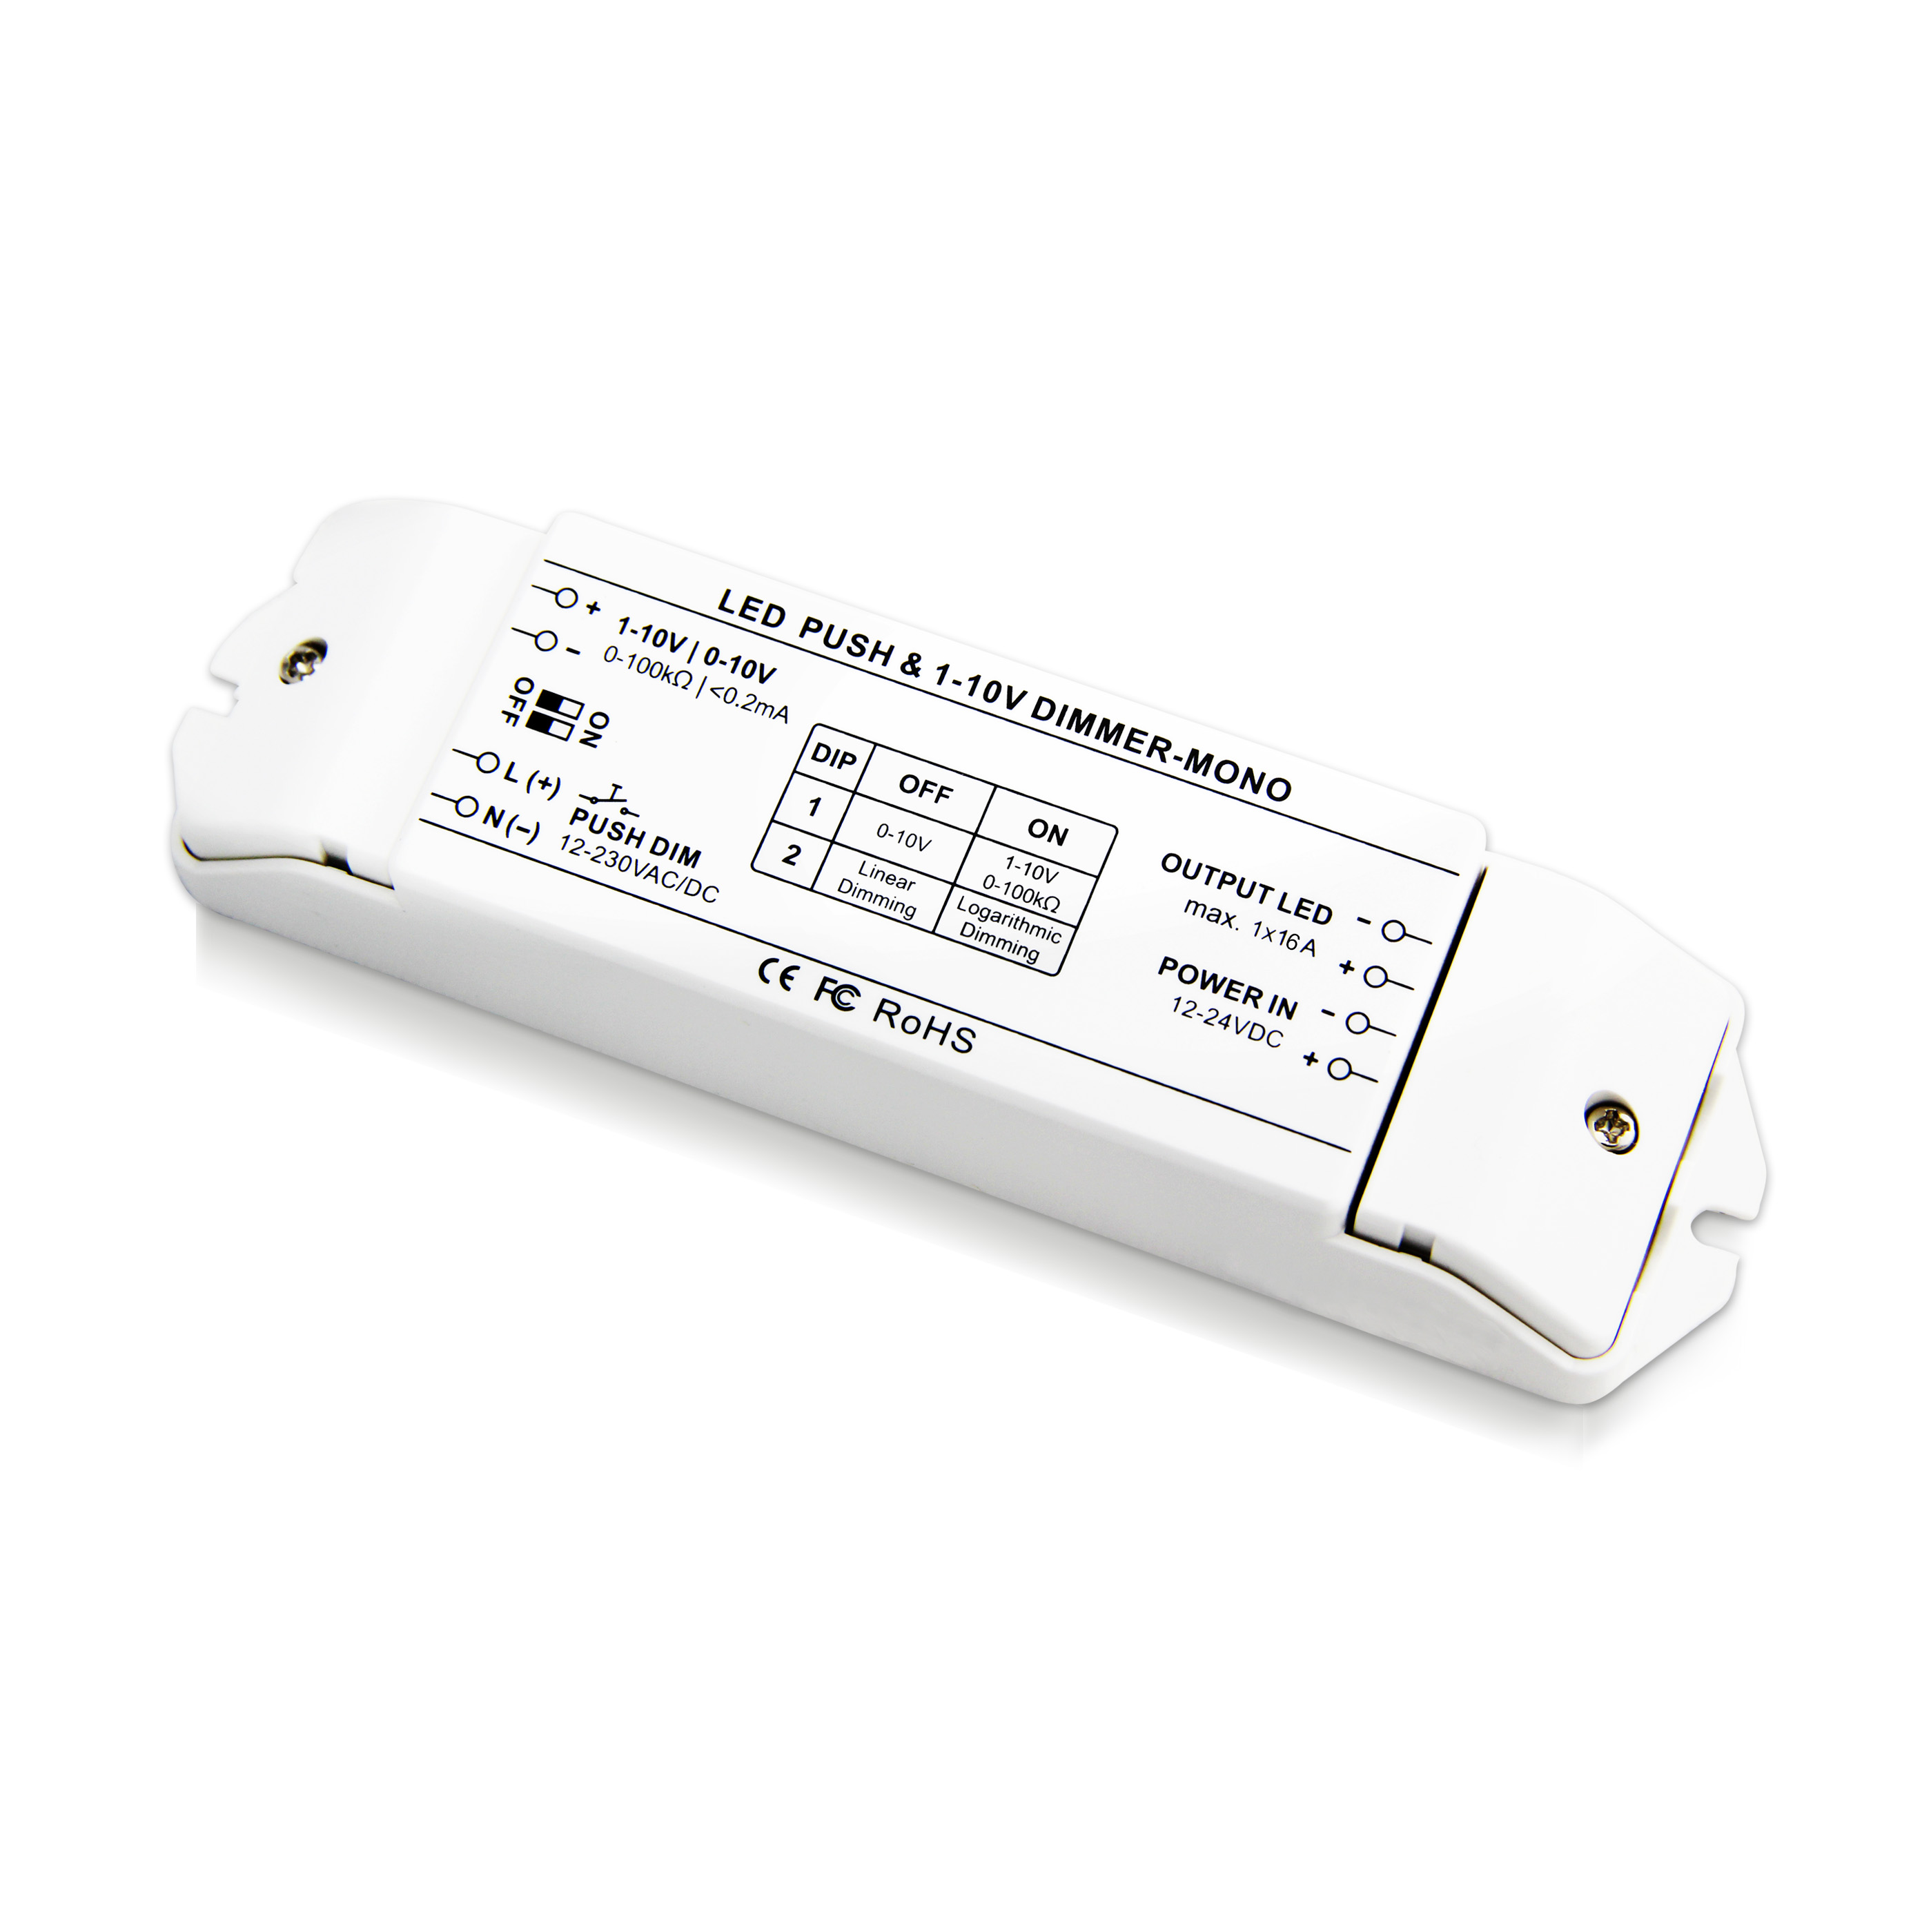 0/1-10V 调光驱动器(BC-331-16A)